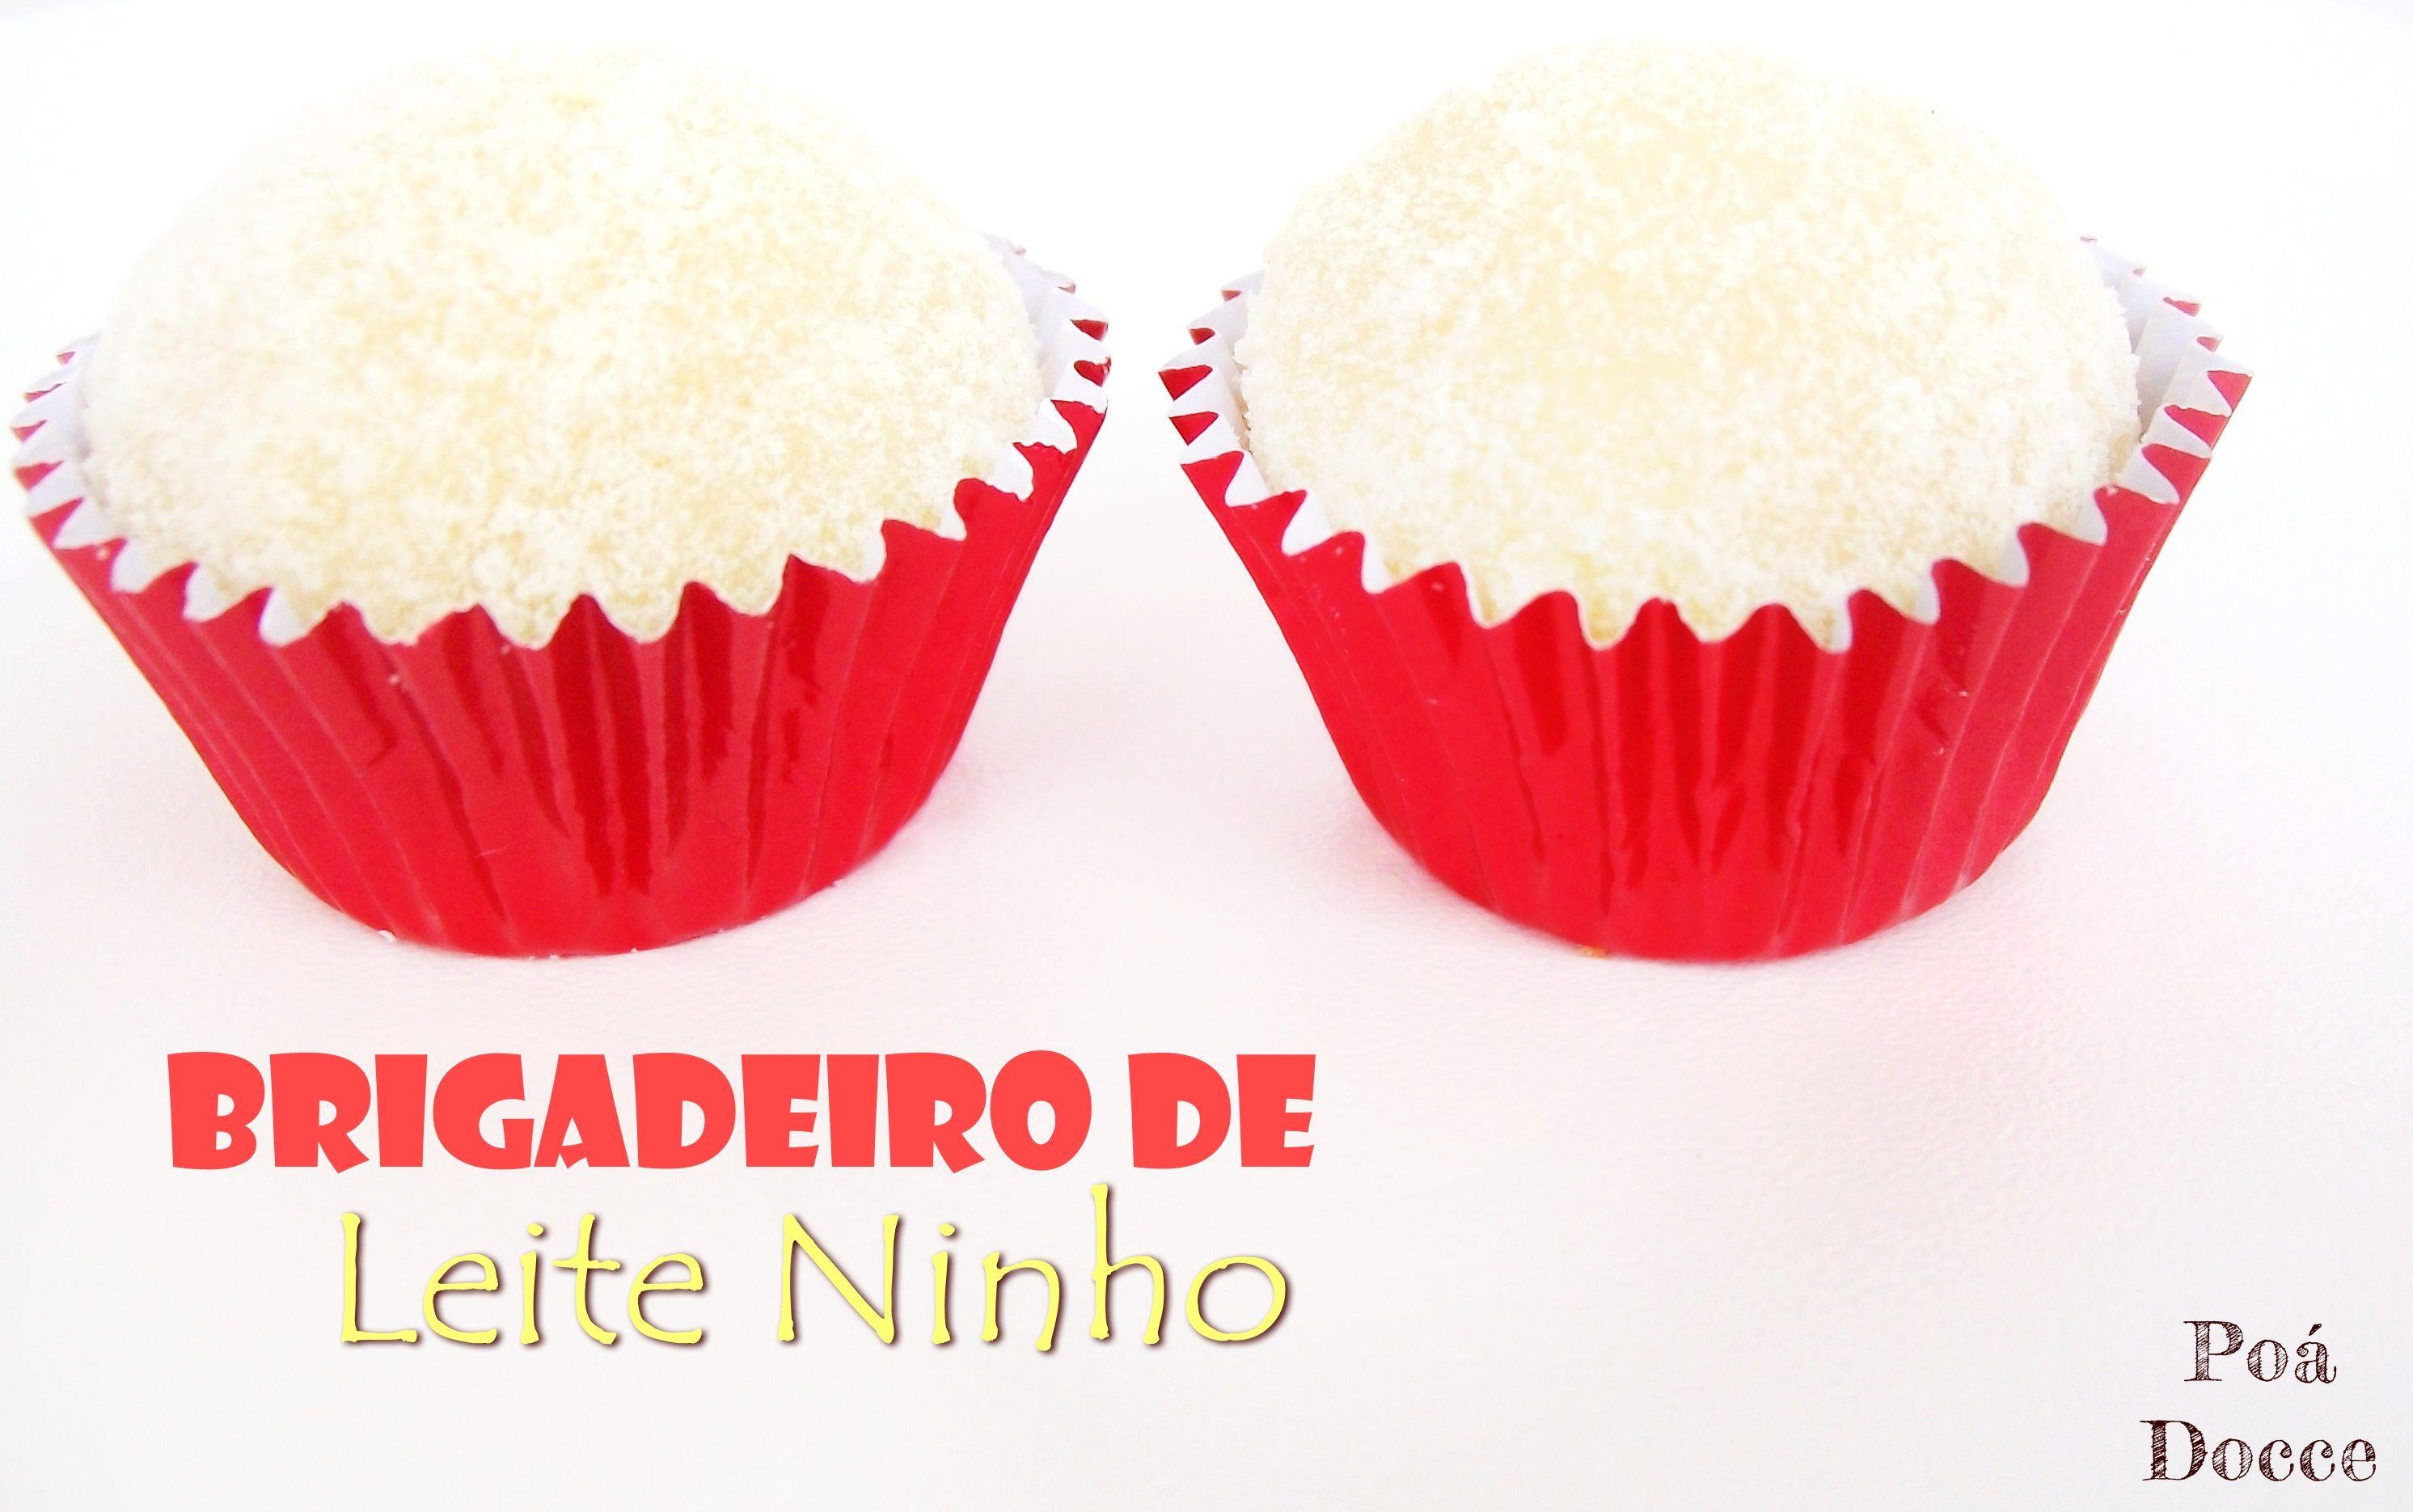 Brigadeiro de Leite Ninho - Delicioso brigadeiro feito e coberto com leite Ninho.